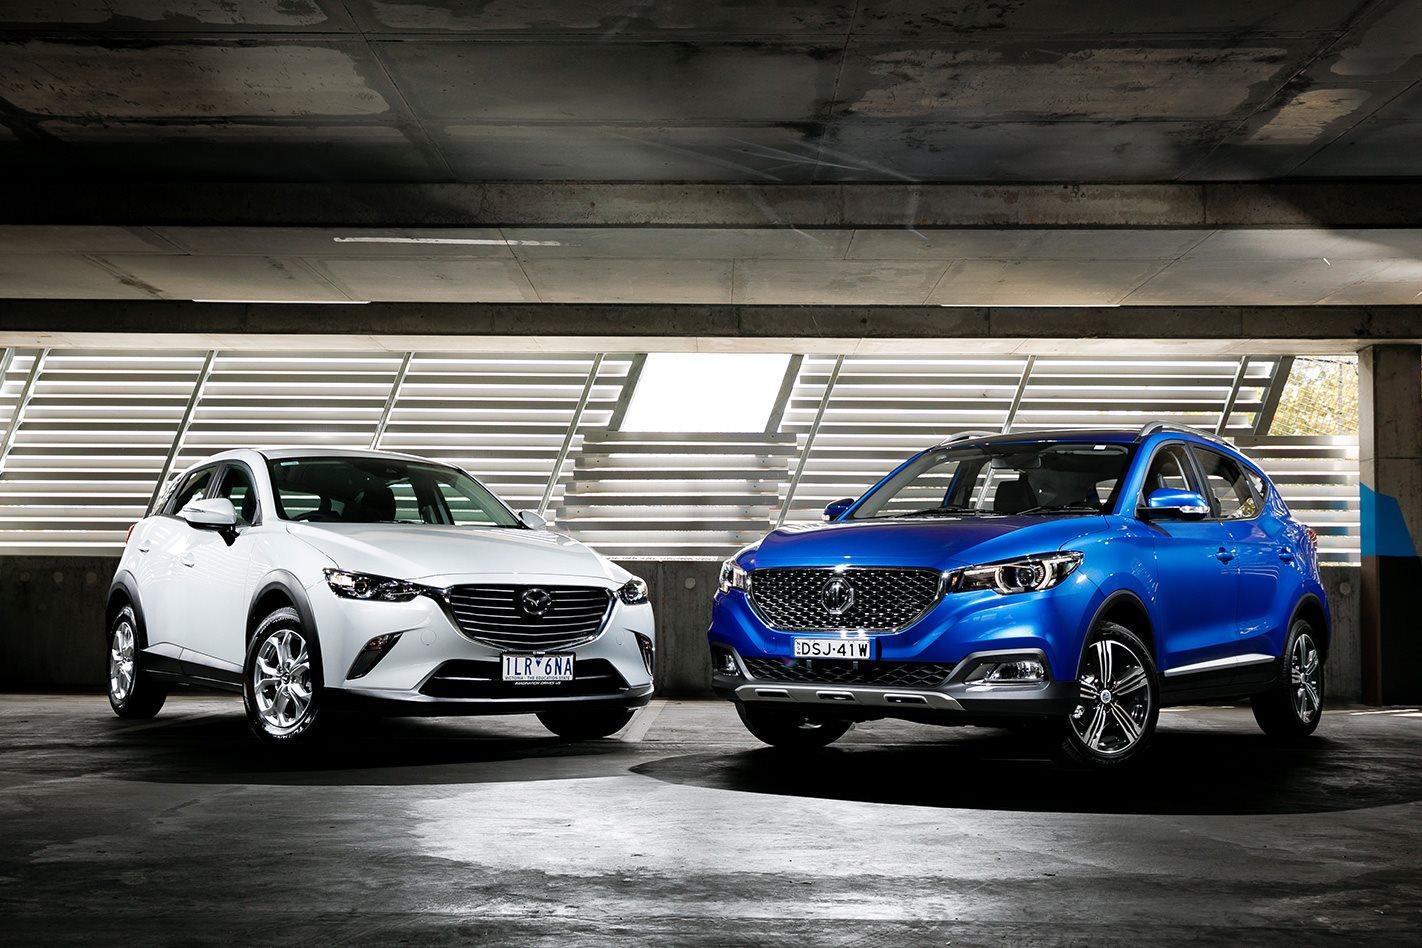 Mazda Cx 3 Maxx V Mg Zs Essence Comparison Review